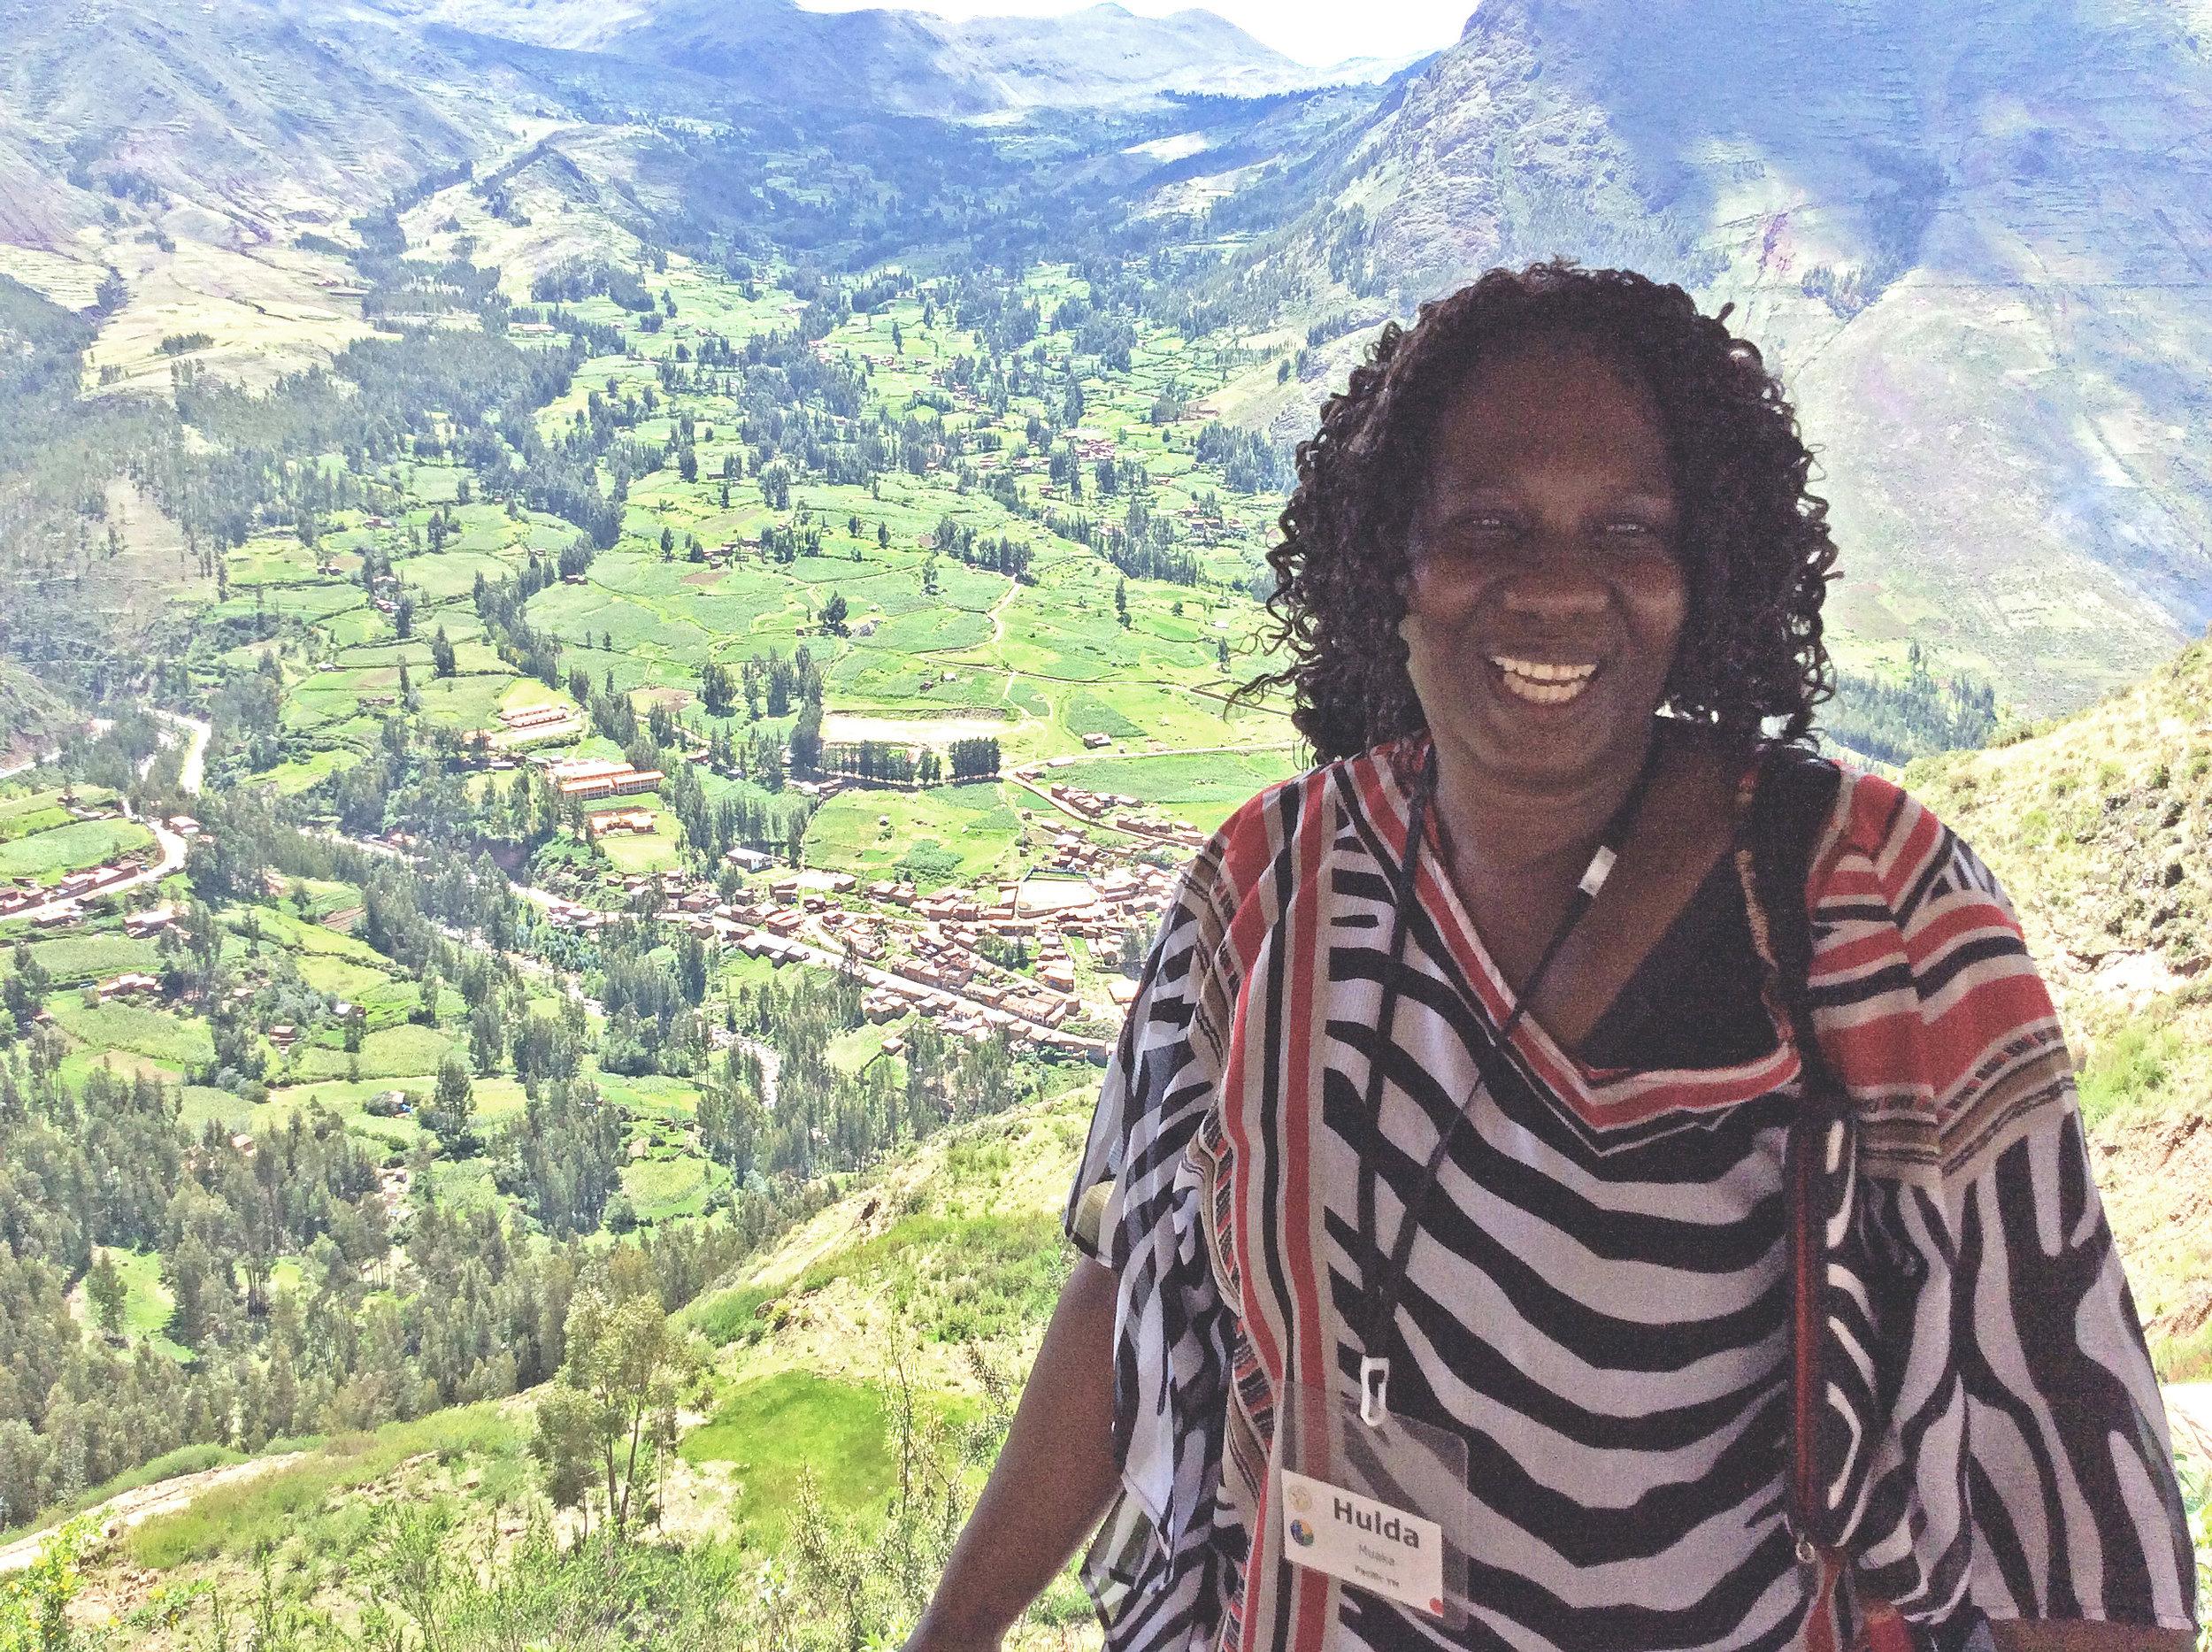 Hulda Bithia Muaka